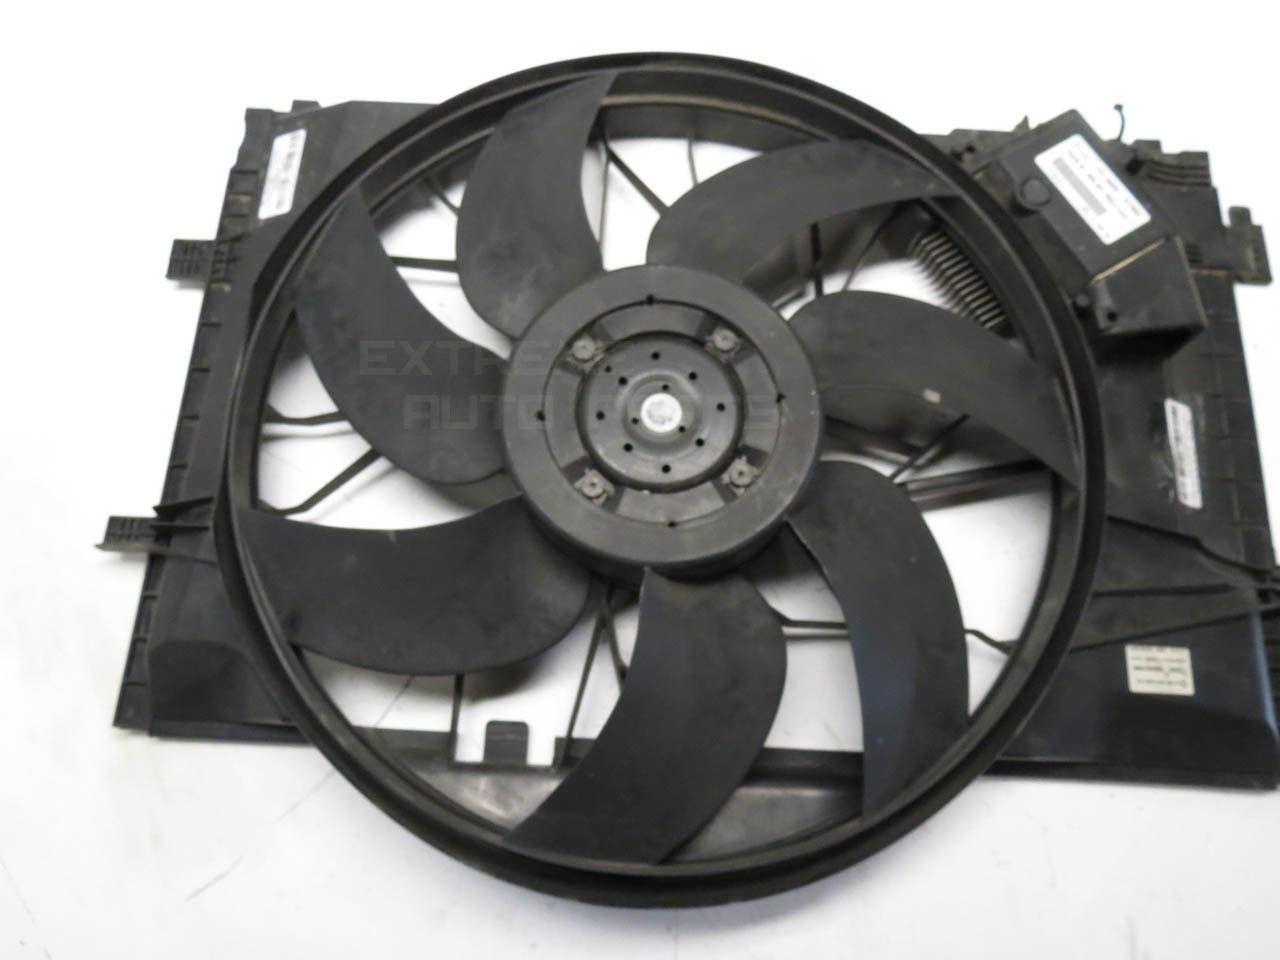 02 Cool Fan : Mercedes c radiator cooling fan motor w shroud